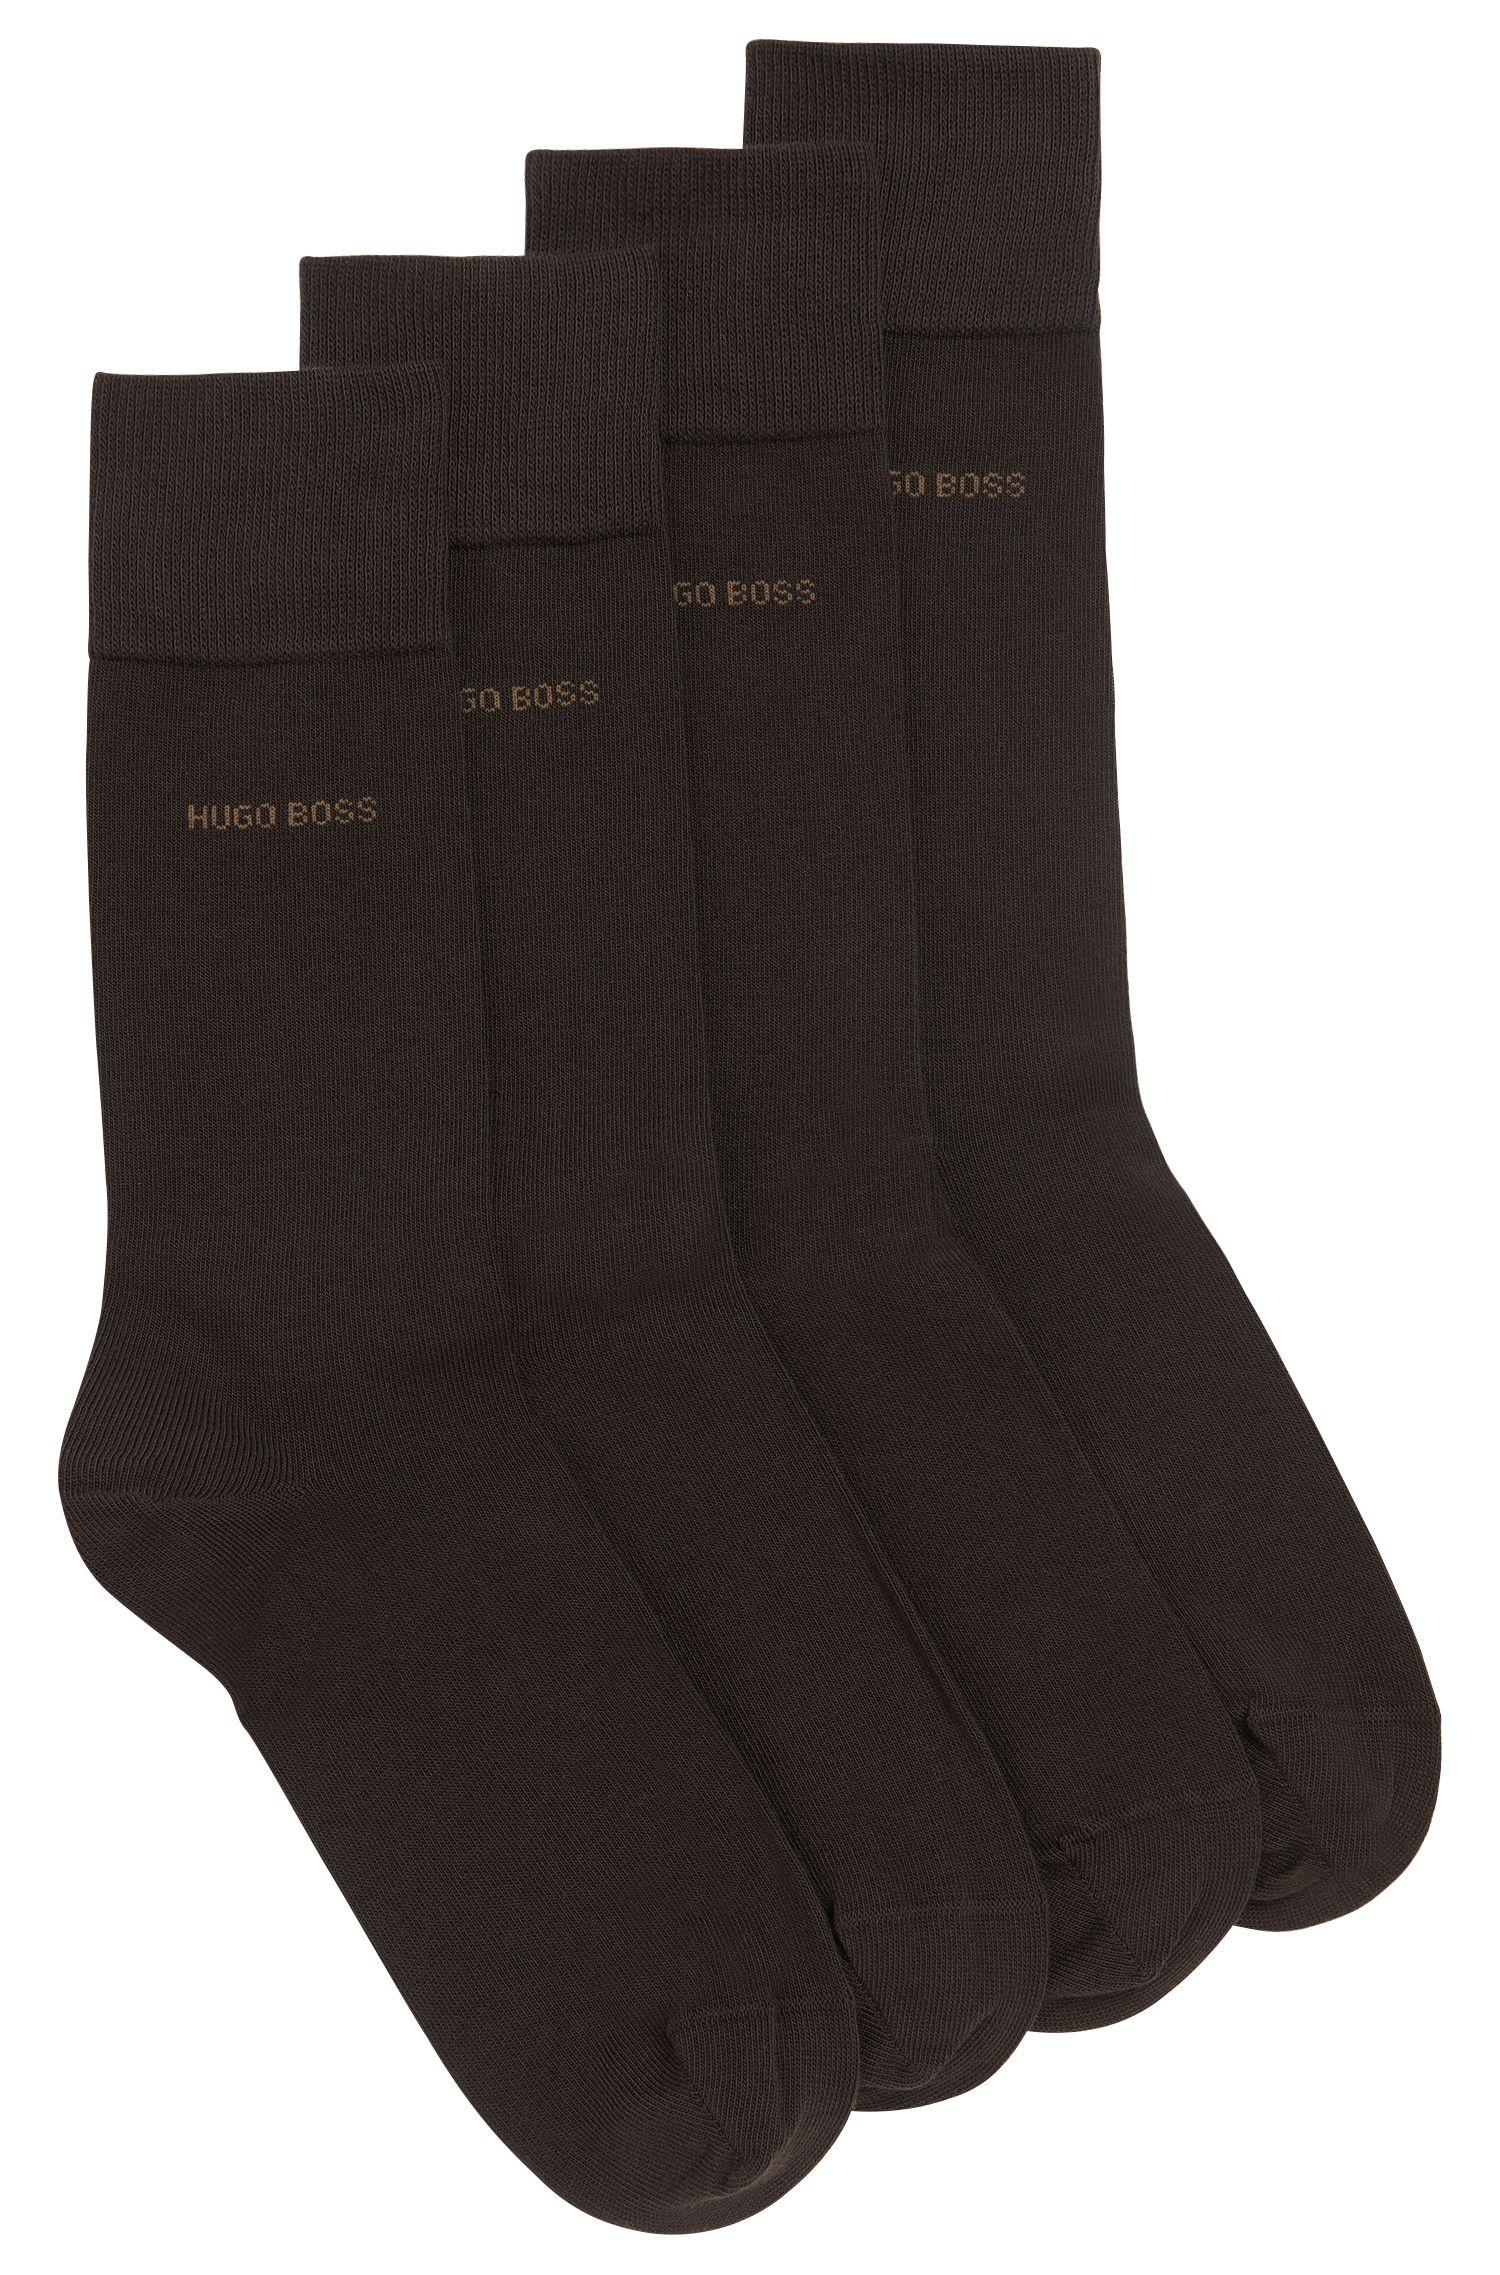 Chaussettes en coton mélangé de longueur normale, en lot de deux